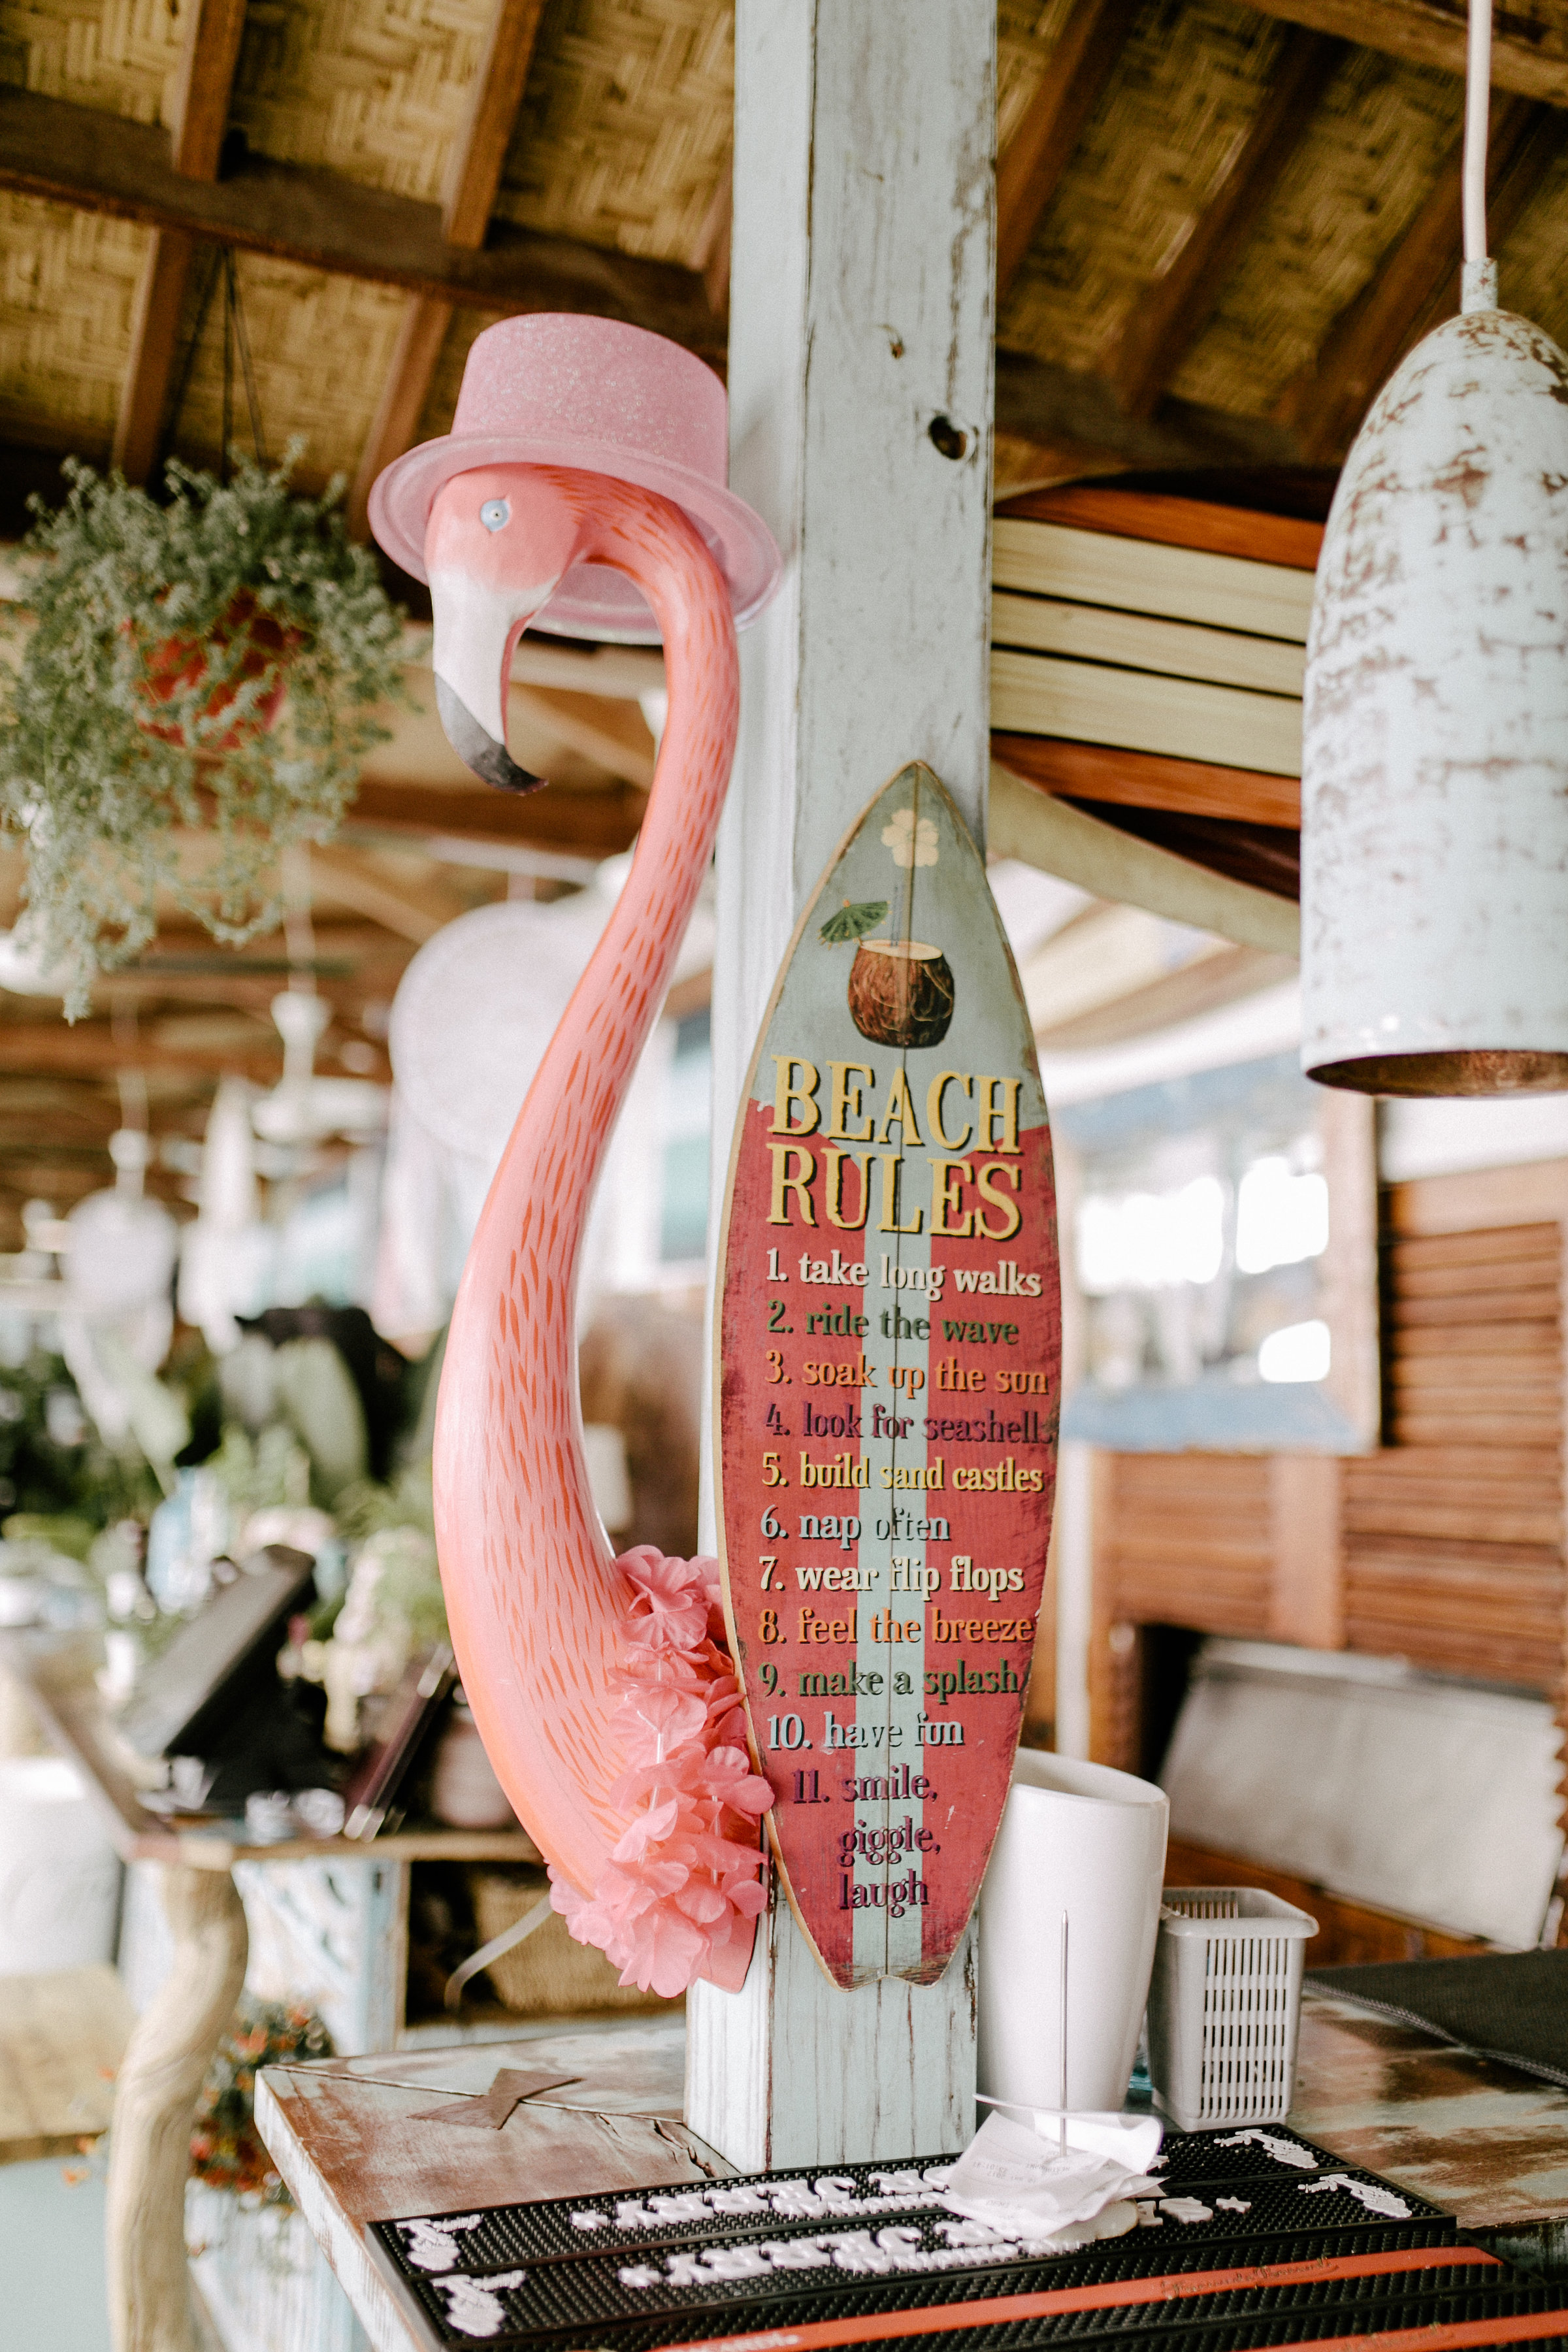 Anjuna, a beach restaurant by the Mediterranean Sea.